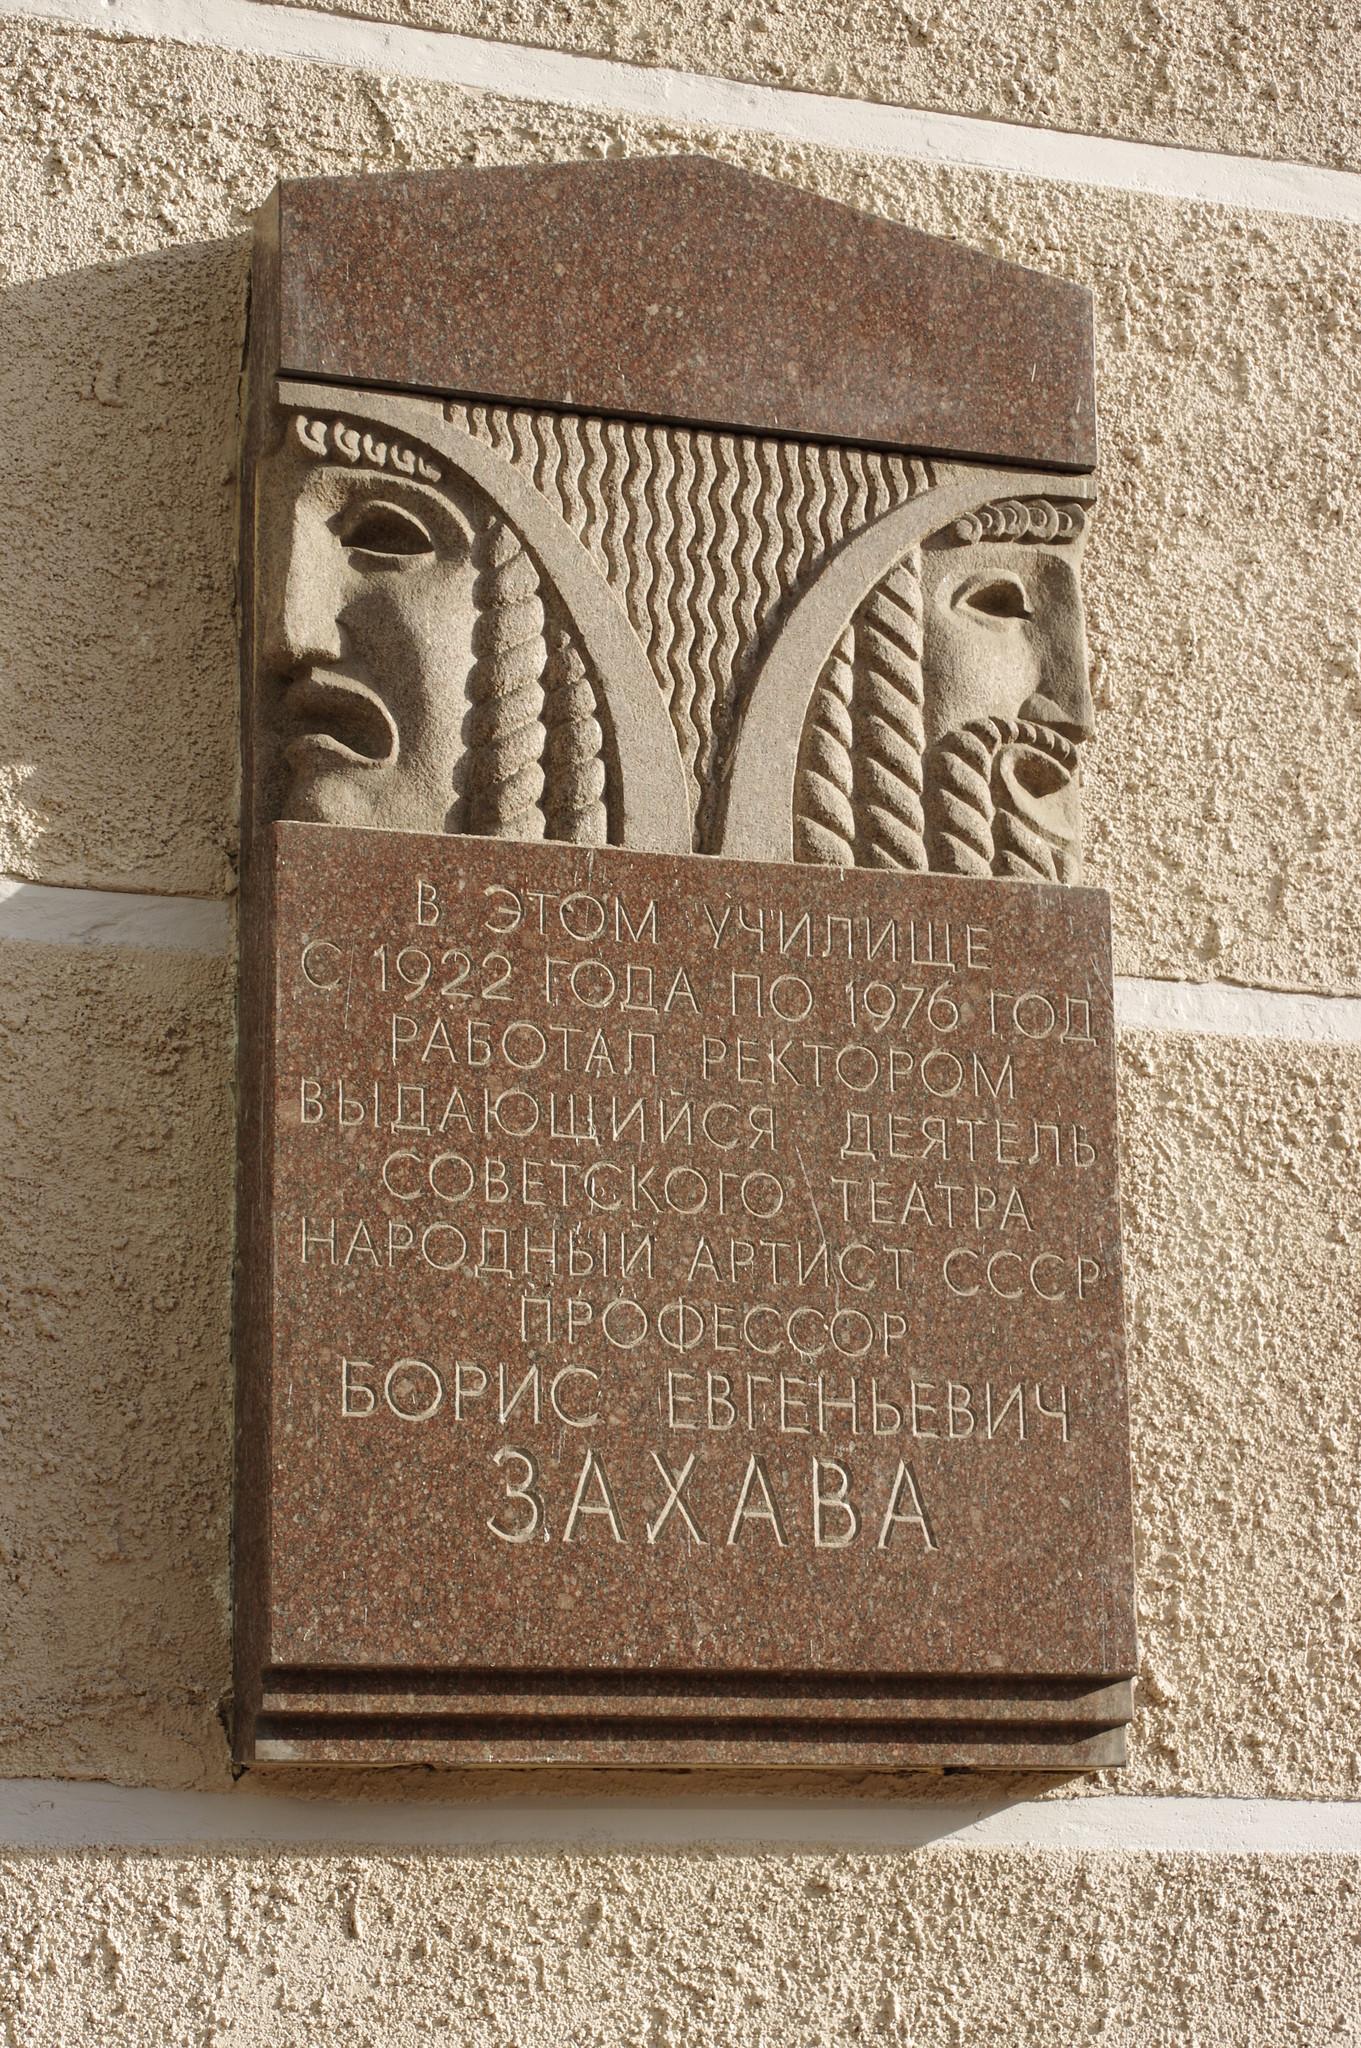 Мемориальная доска на фасаде Театрального института имени Бориса Щукина (Большой Николопесковский переулок, дом 12а), где с 1922 года по 1976 год работал ректором Борис Евгеньевич Захава